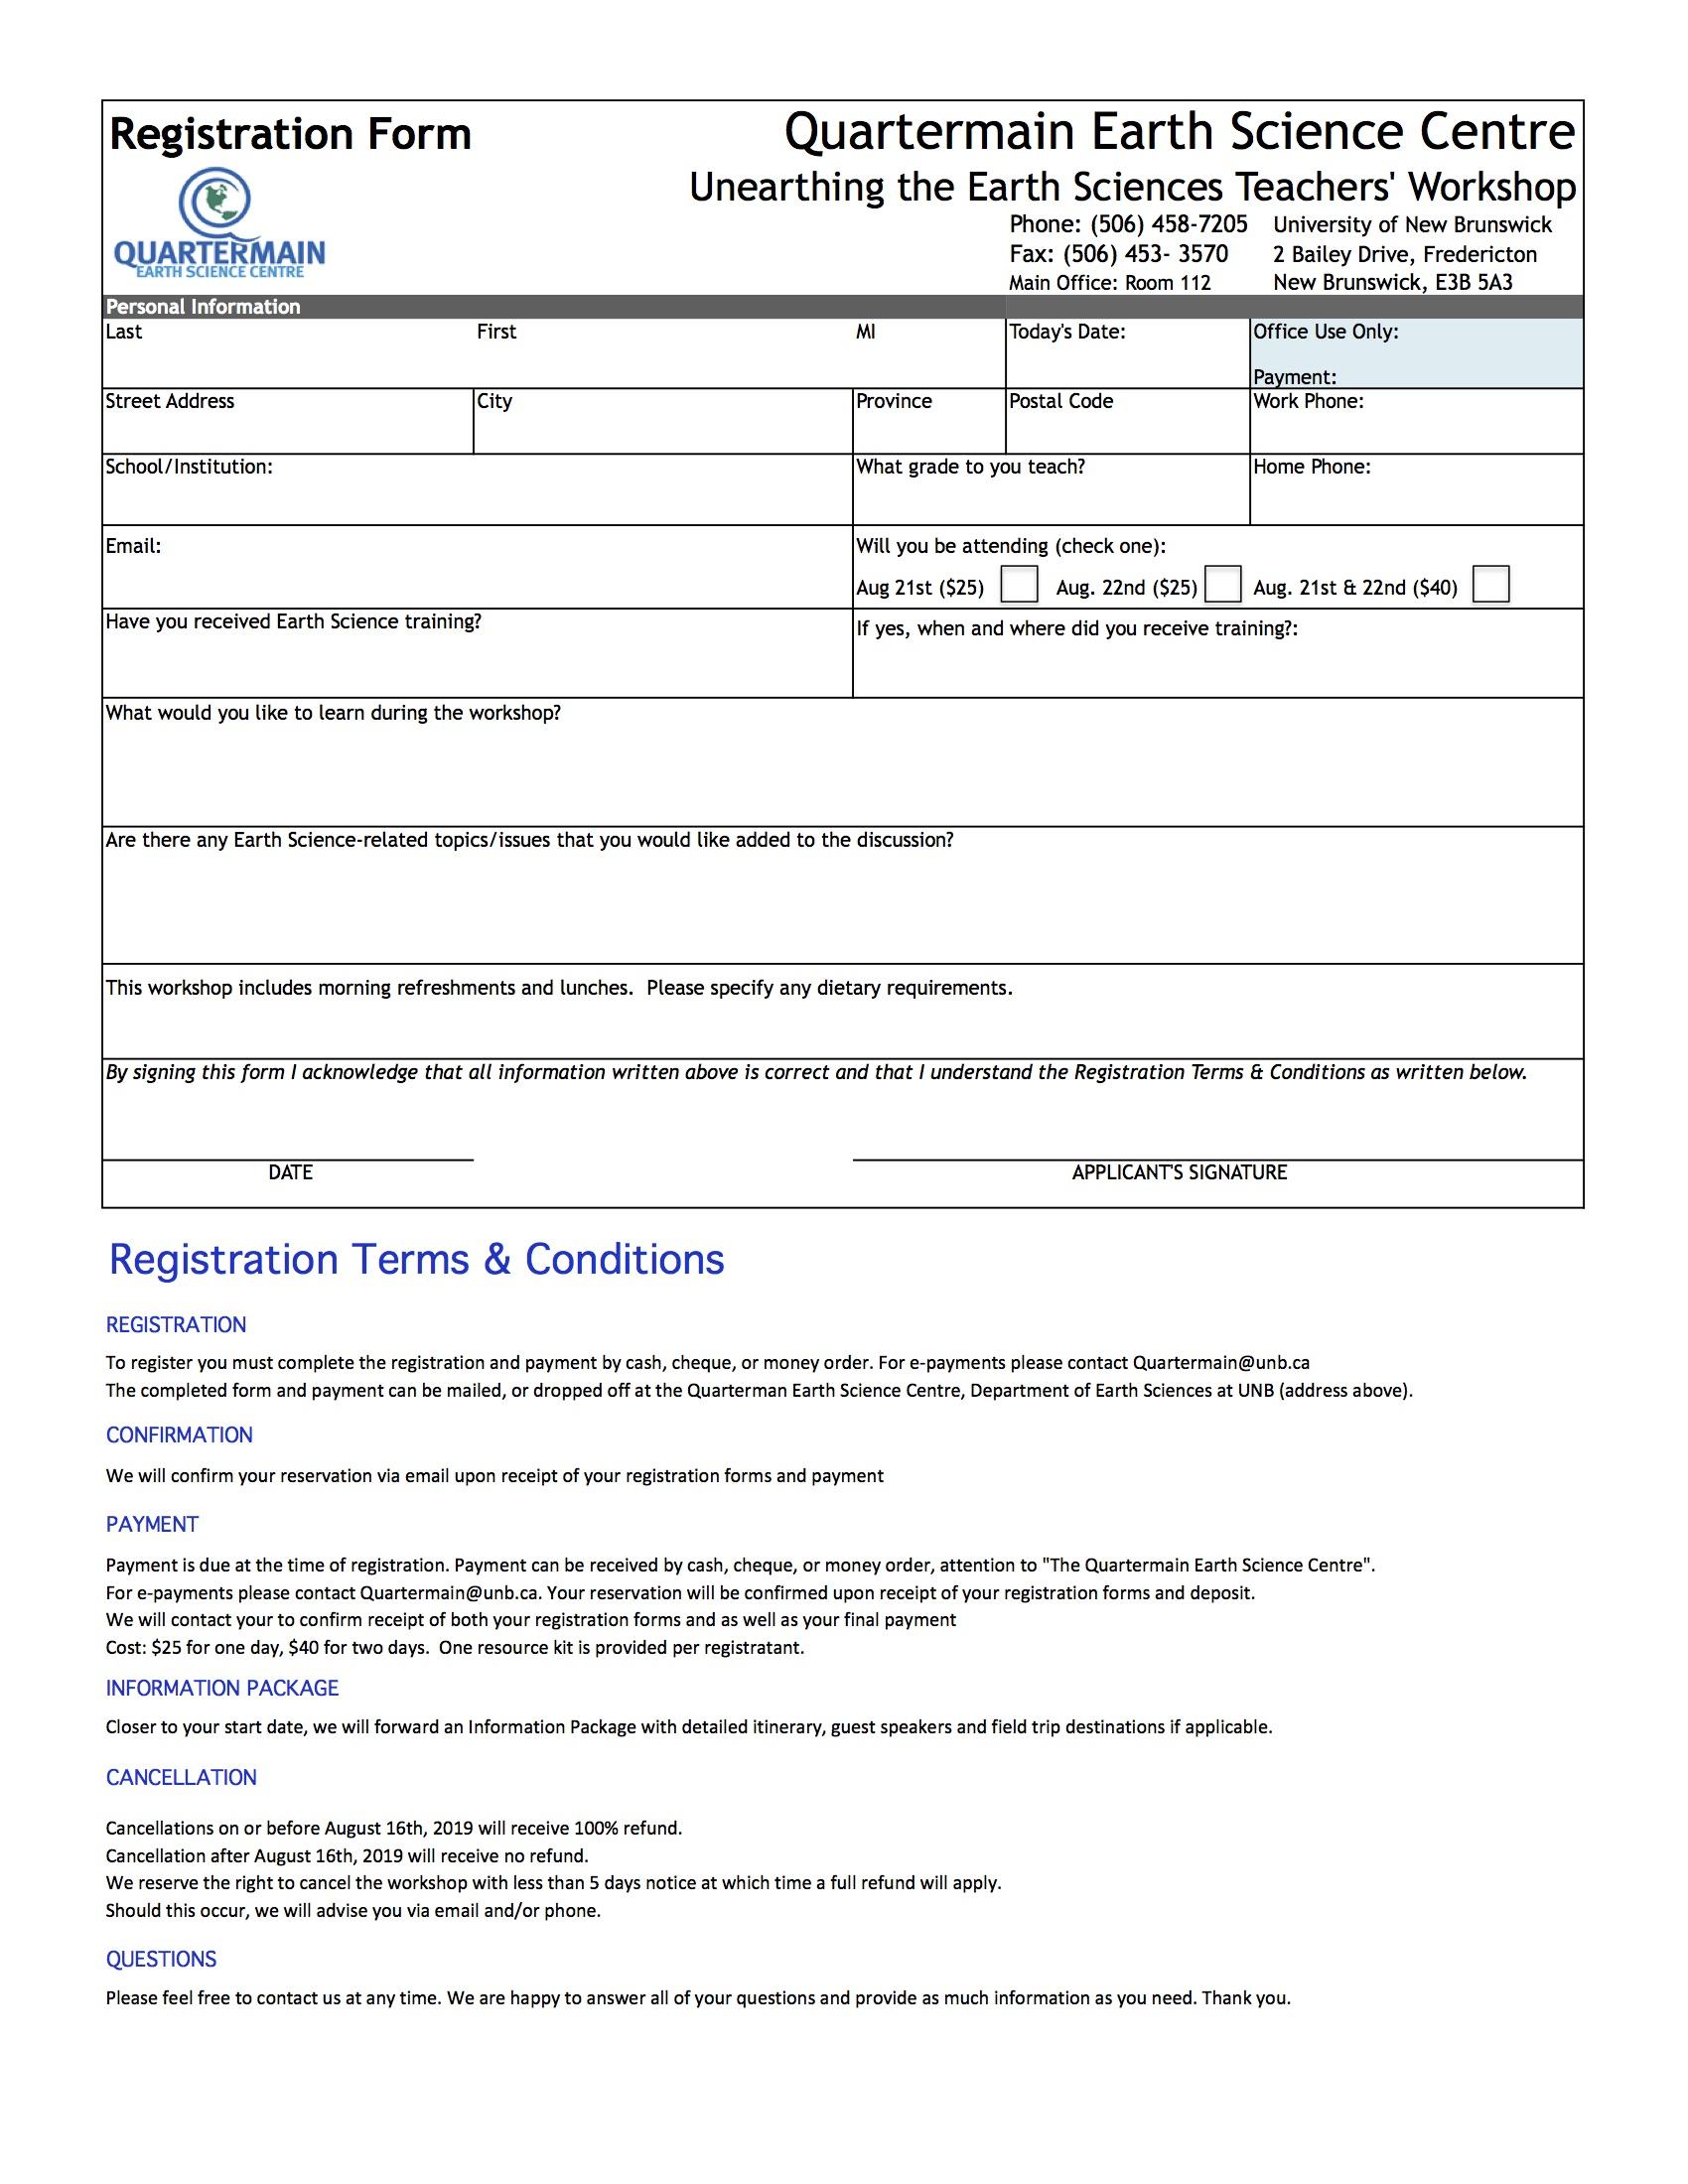 2019 Teachers Workshop Registration Form.jpg